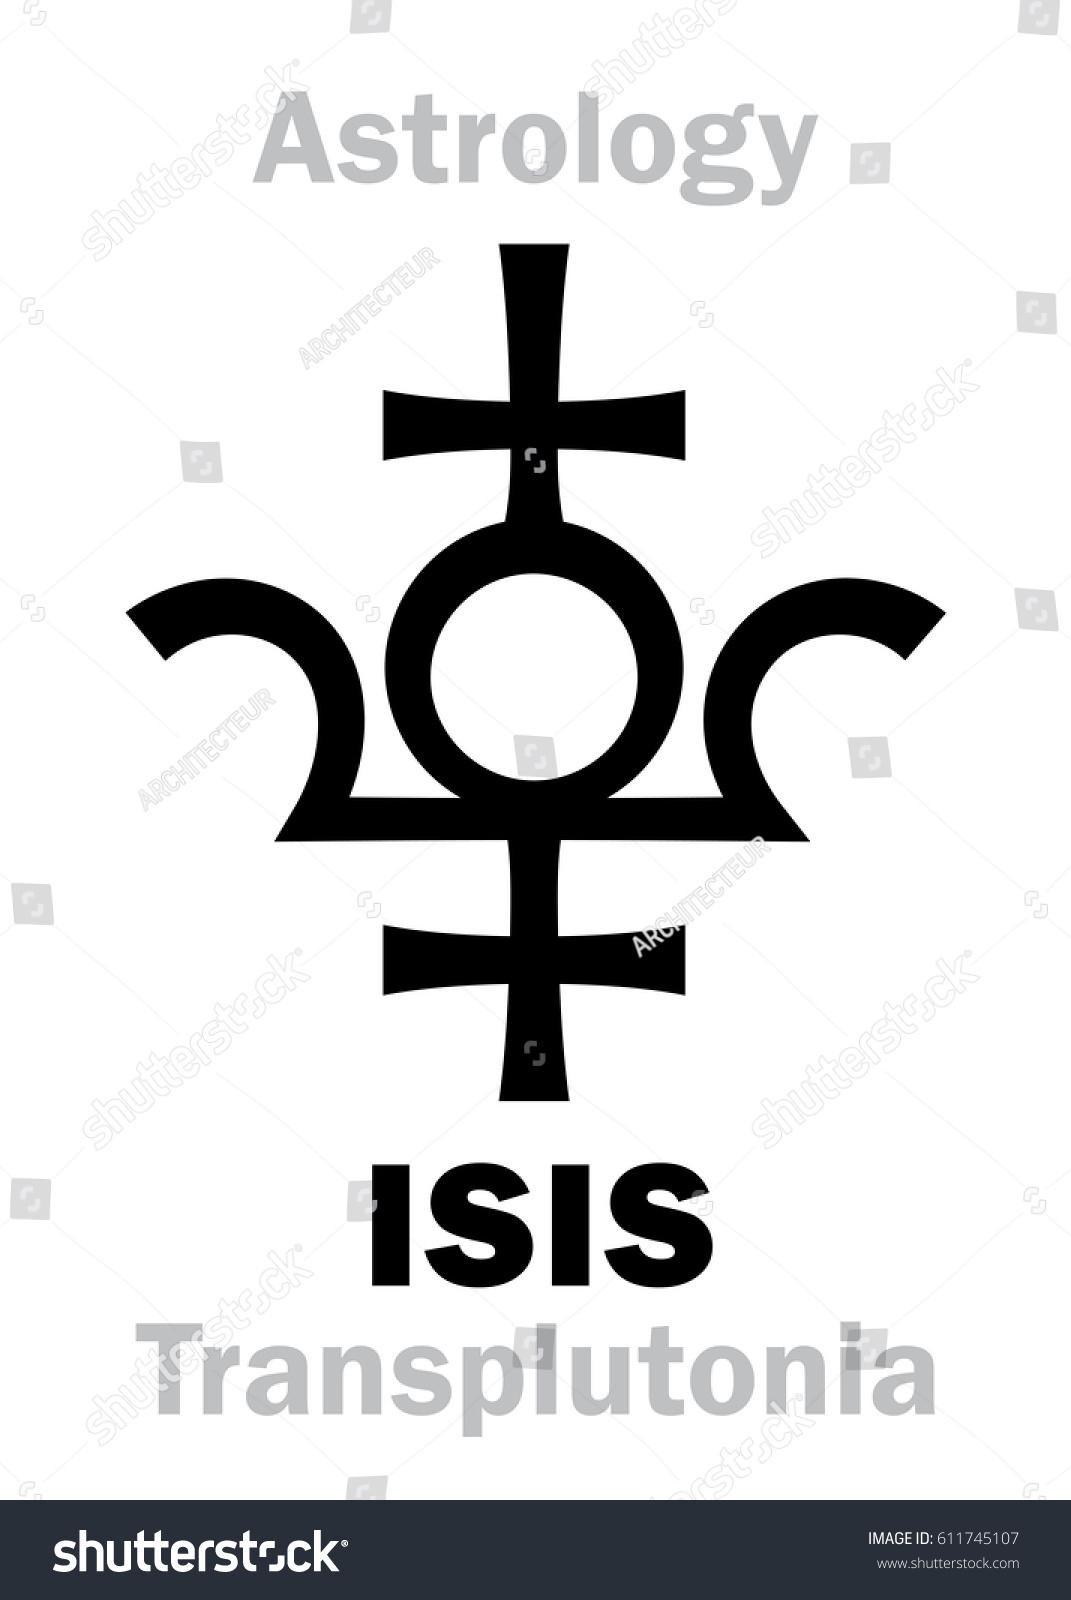 The symbol of isis choice image symbol and sign ideas astrology alphabet isis transplutonia supreme hypothetic stock astrology alphabet isis transplutonia supreme hypothetic planet behind pluto buycottarizona